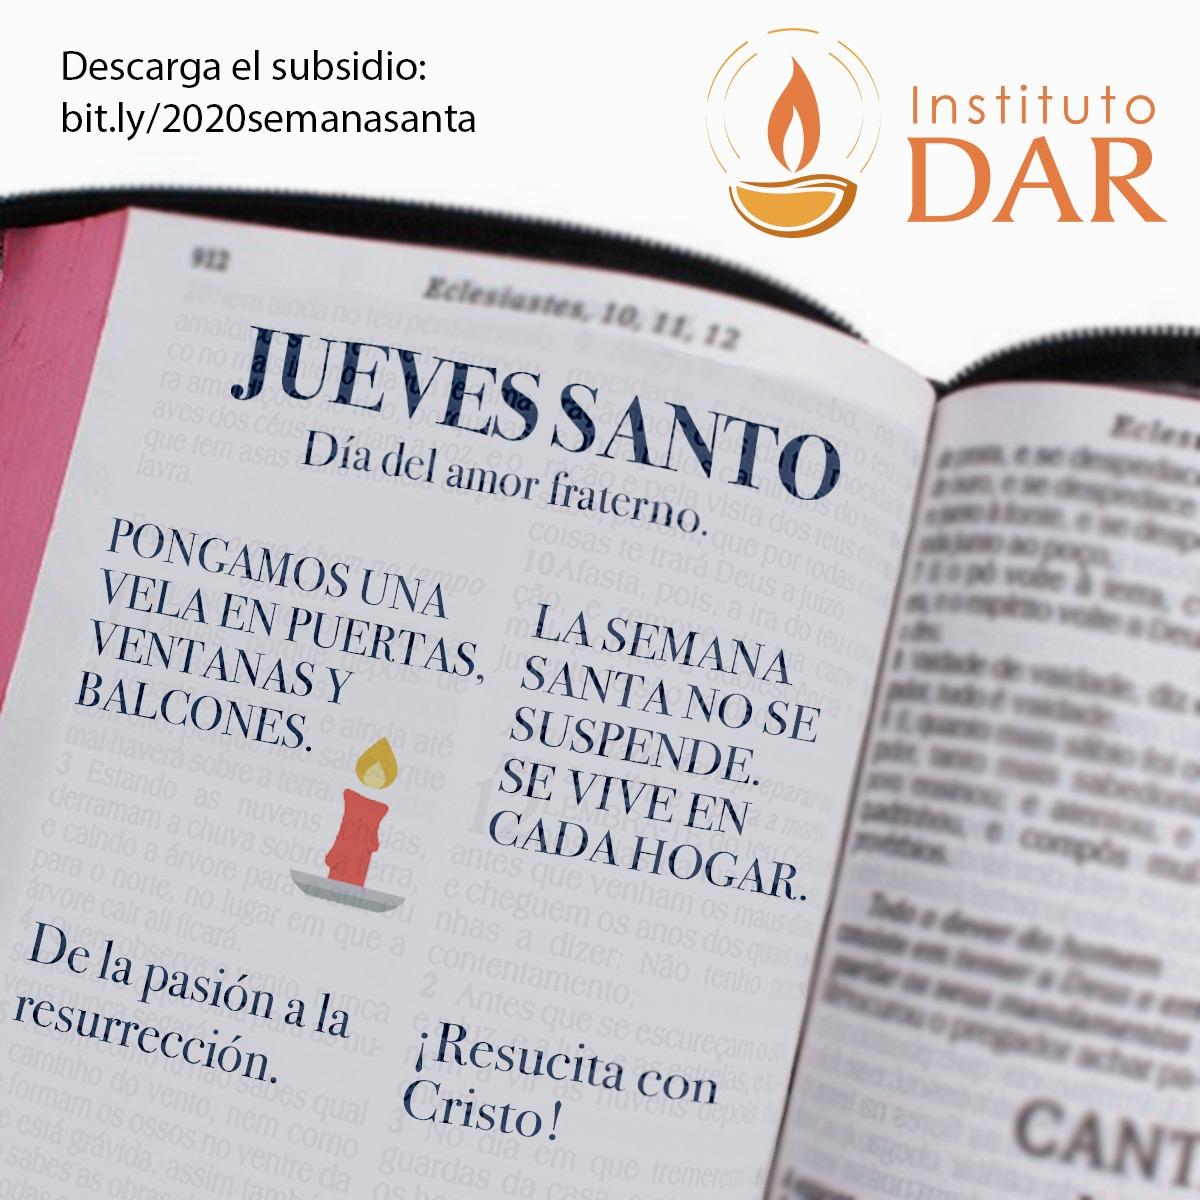 de la pasion a la resureccion jueves santo